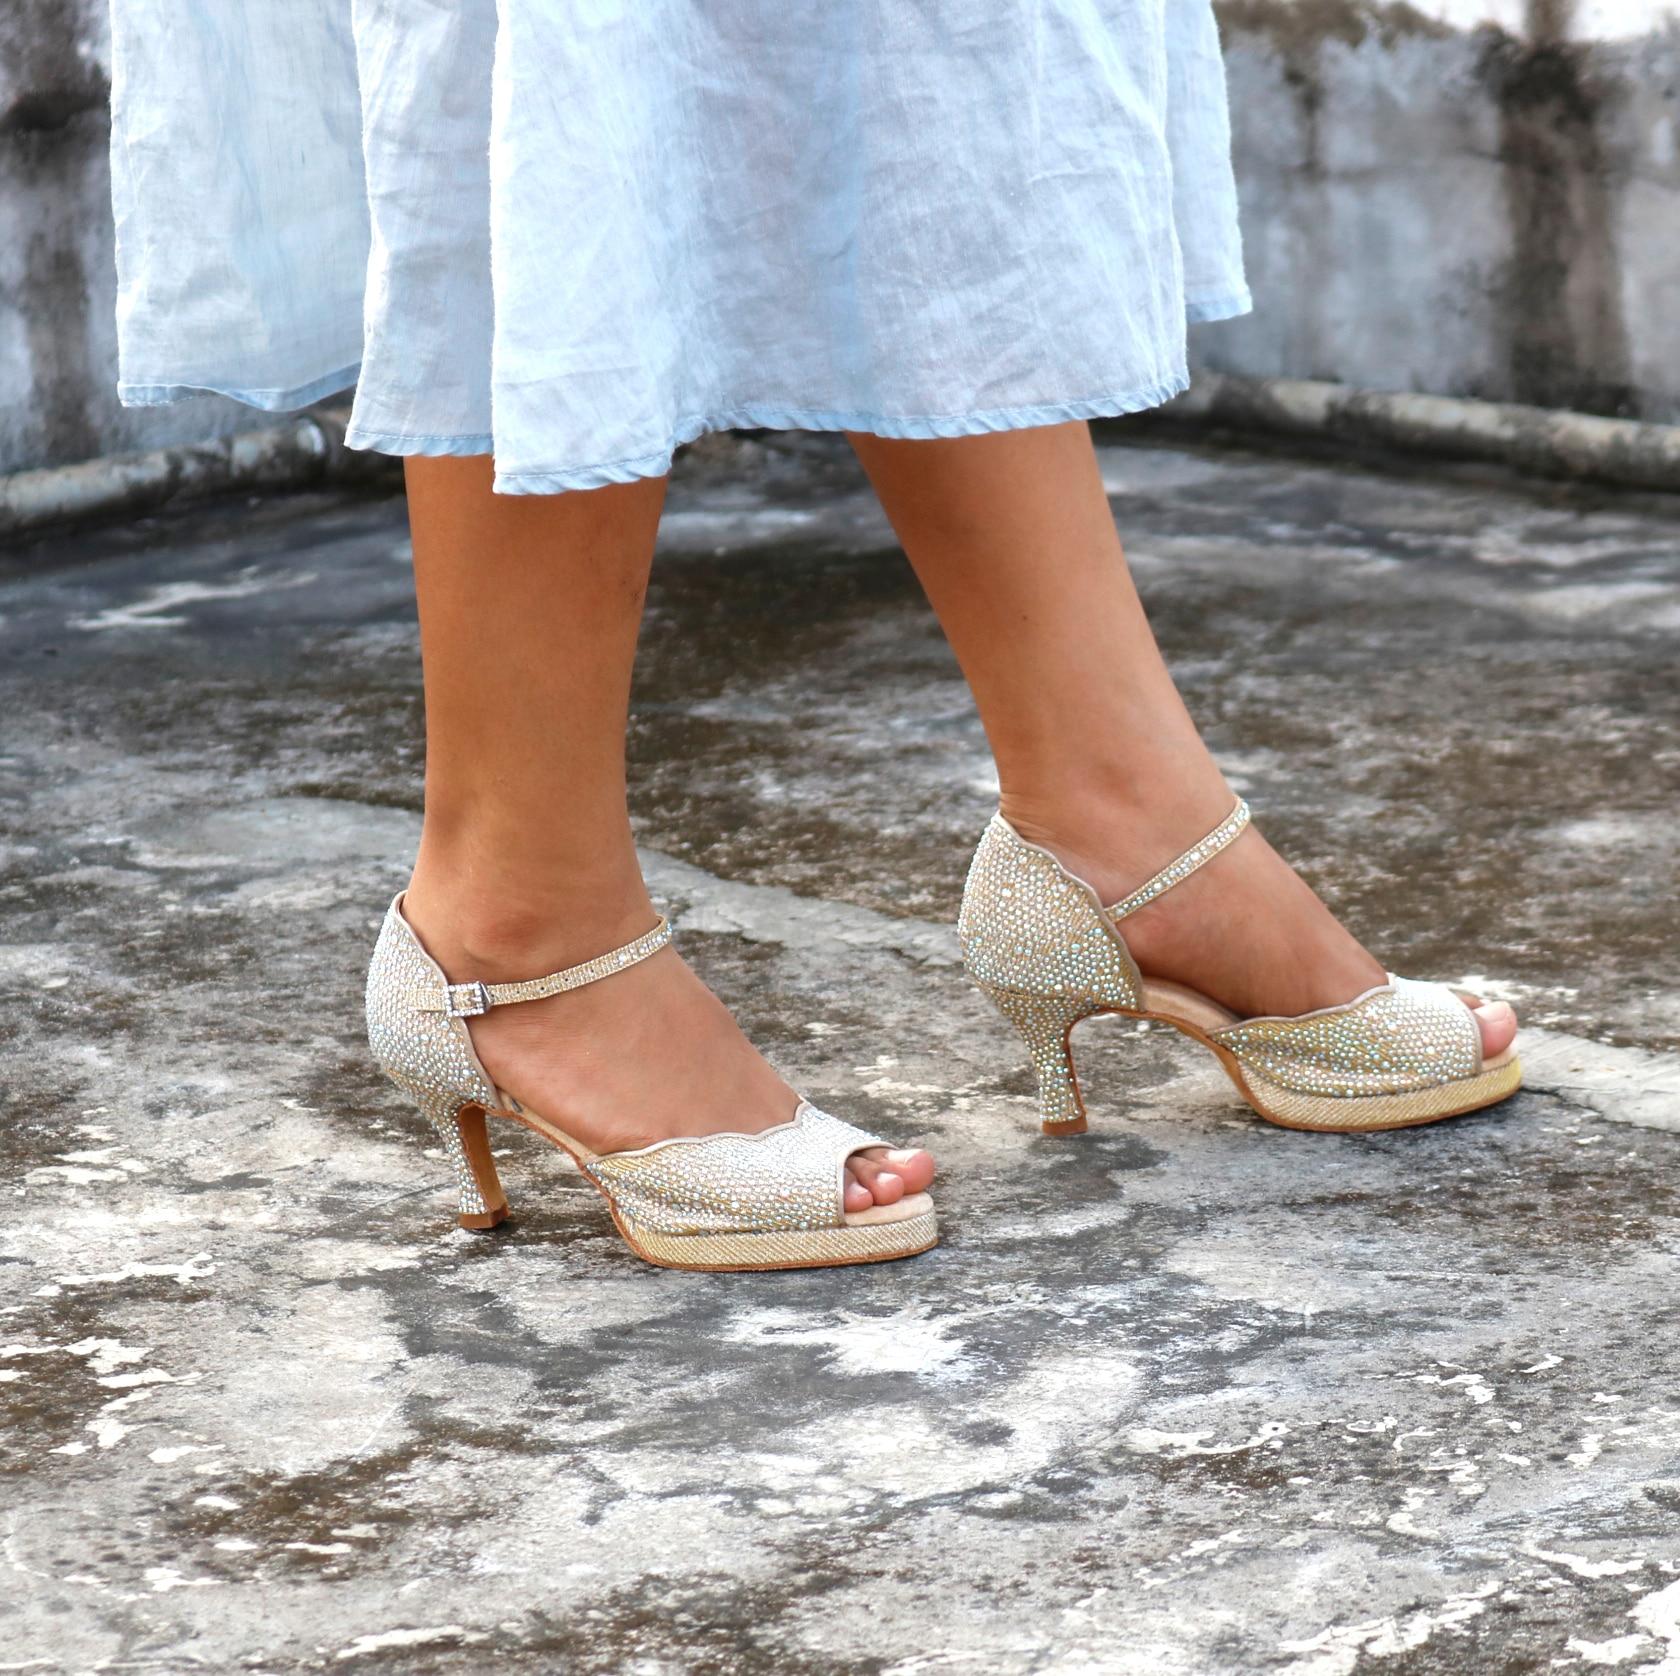 Женские туфли для бальных танцев, женские туфли для сальсы, профессиональные туфли для танго и латиноамериканских танцев, стильные туфли на... туфли berkonty туфли